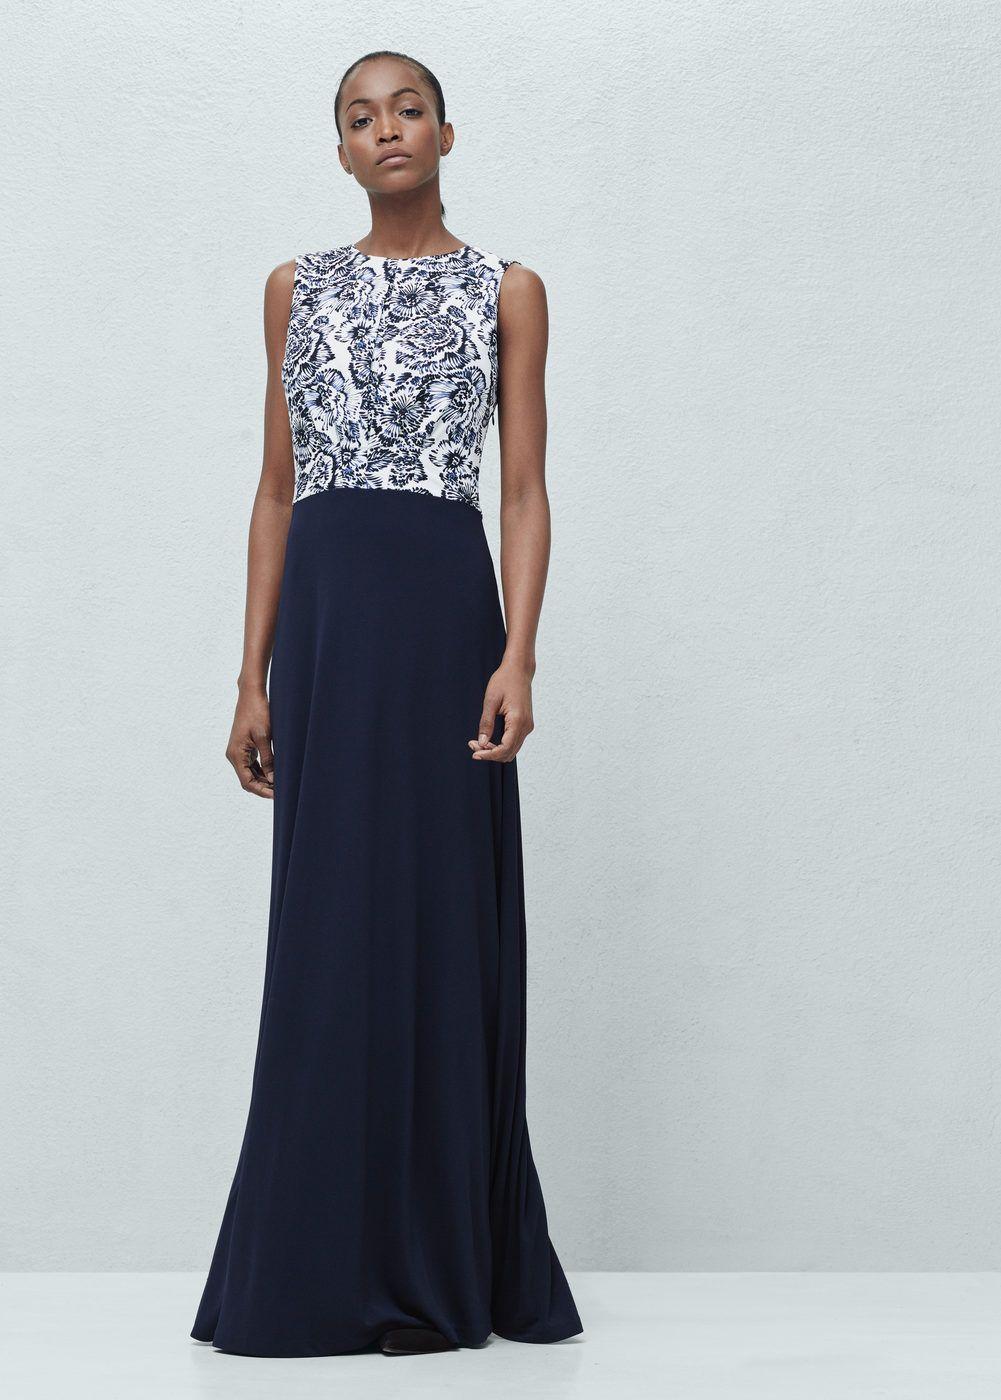 Dlouhé kombinované šaty - Žena  dc5bacffb47